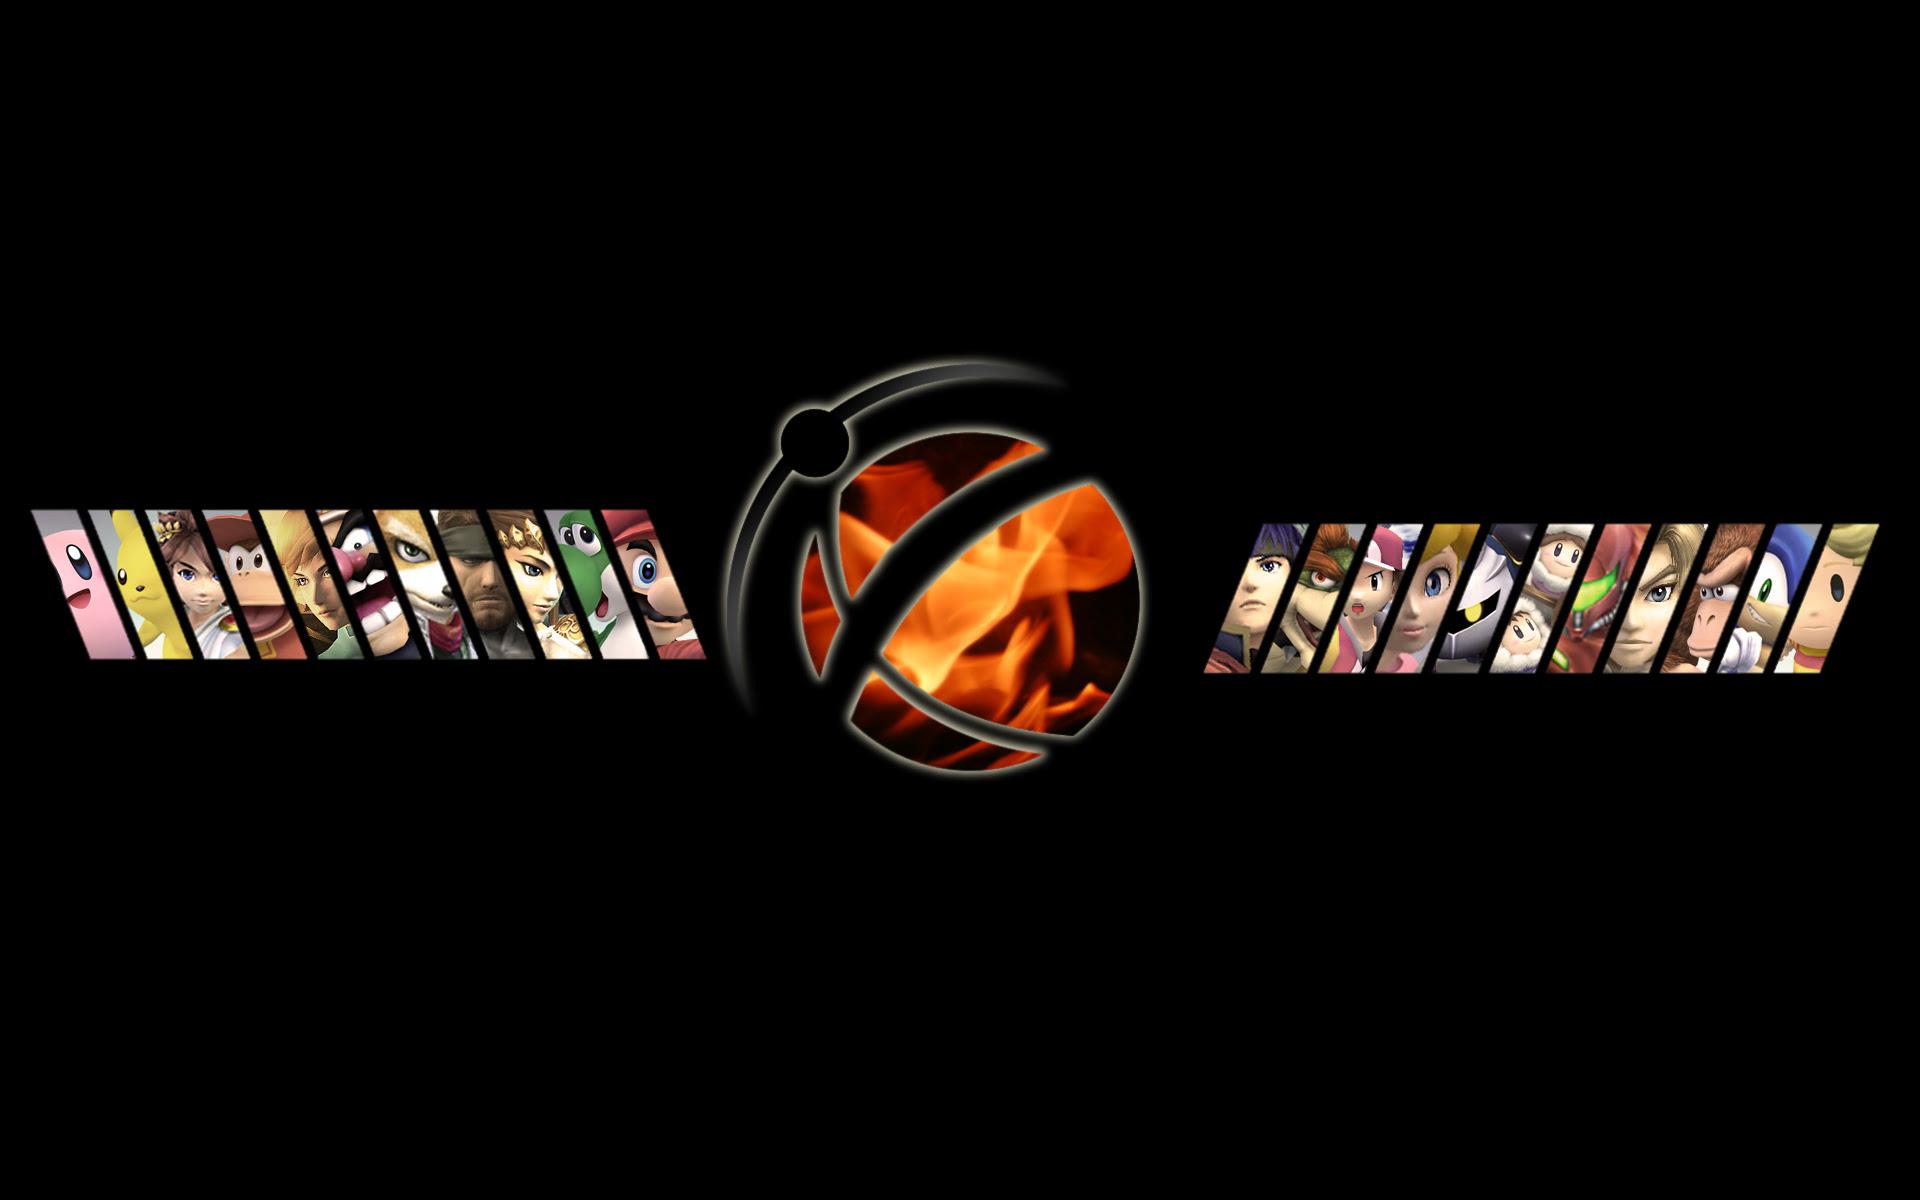 Super Smash Bros Wallpaper 1920x1200 52719